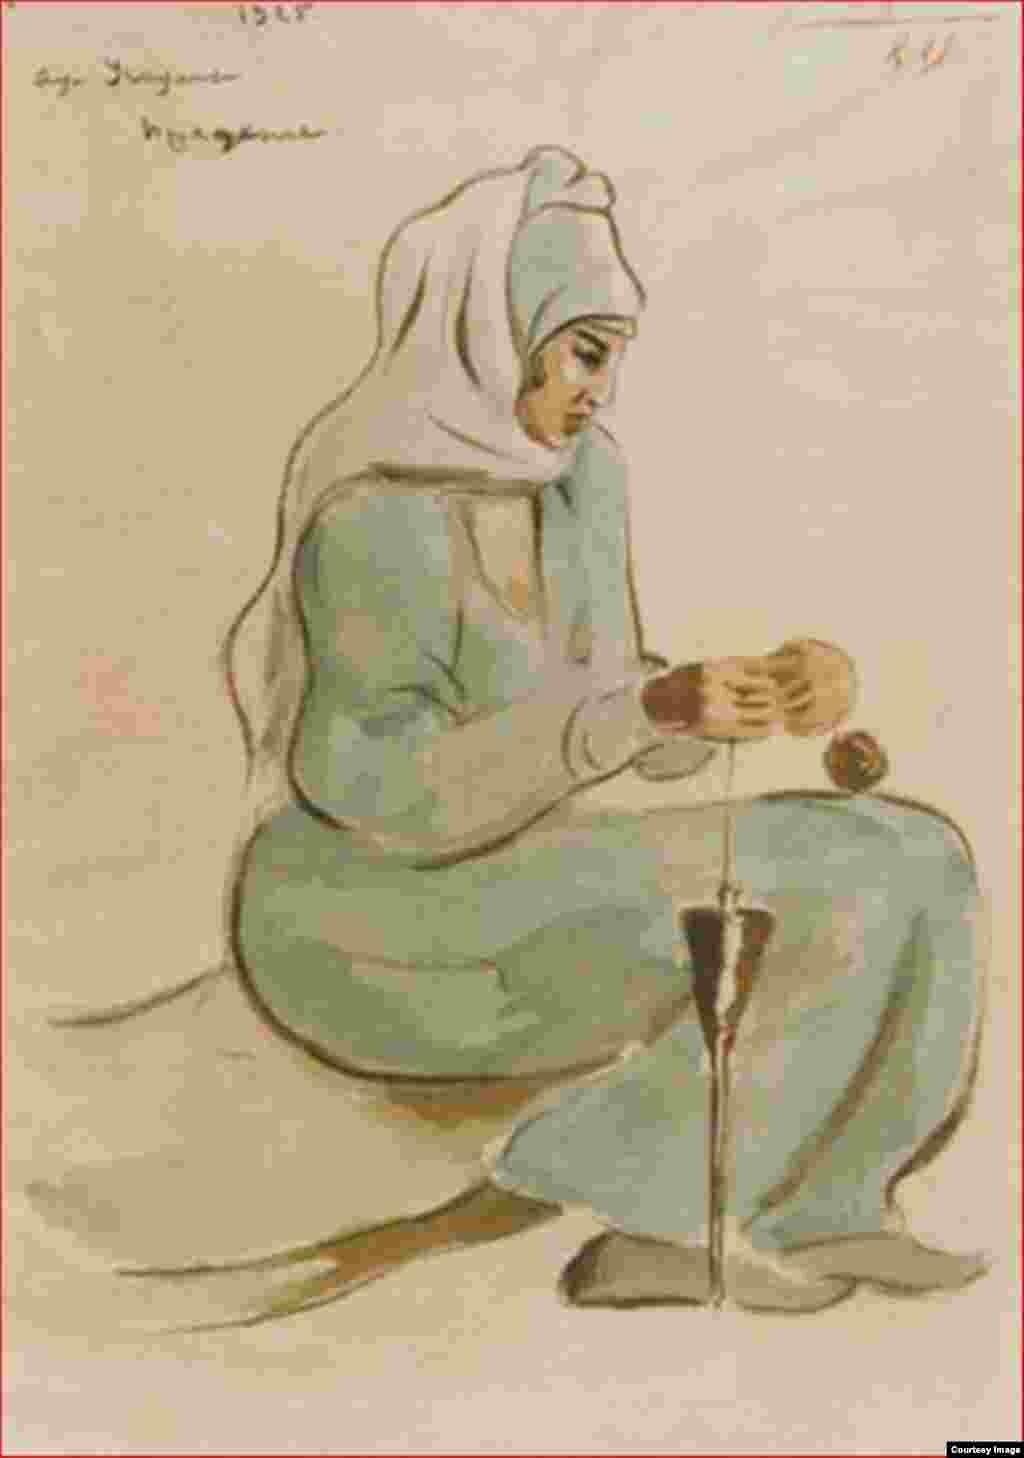 Федоров Д.С. Прядение. Аул Учкулан. Карачай. 1925 г.